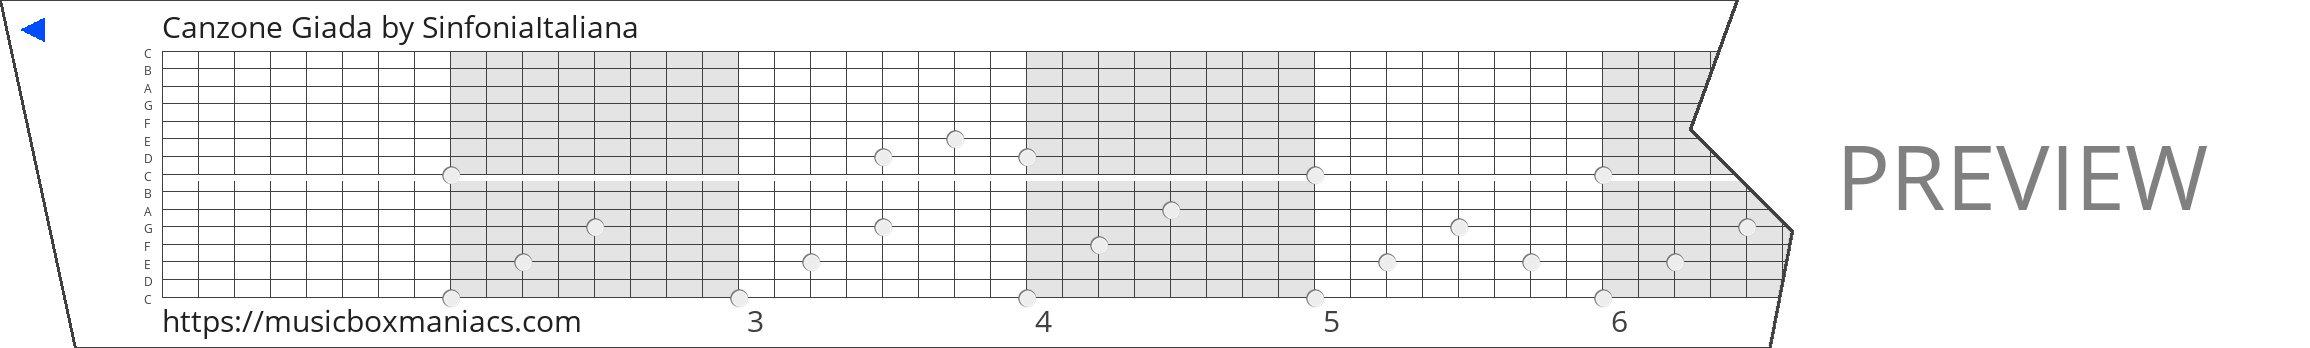 Canzone Giada 15 note music box paper strip